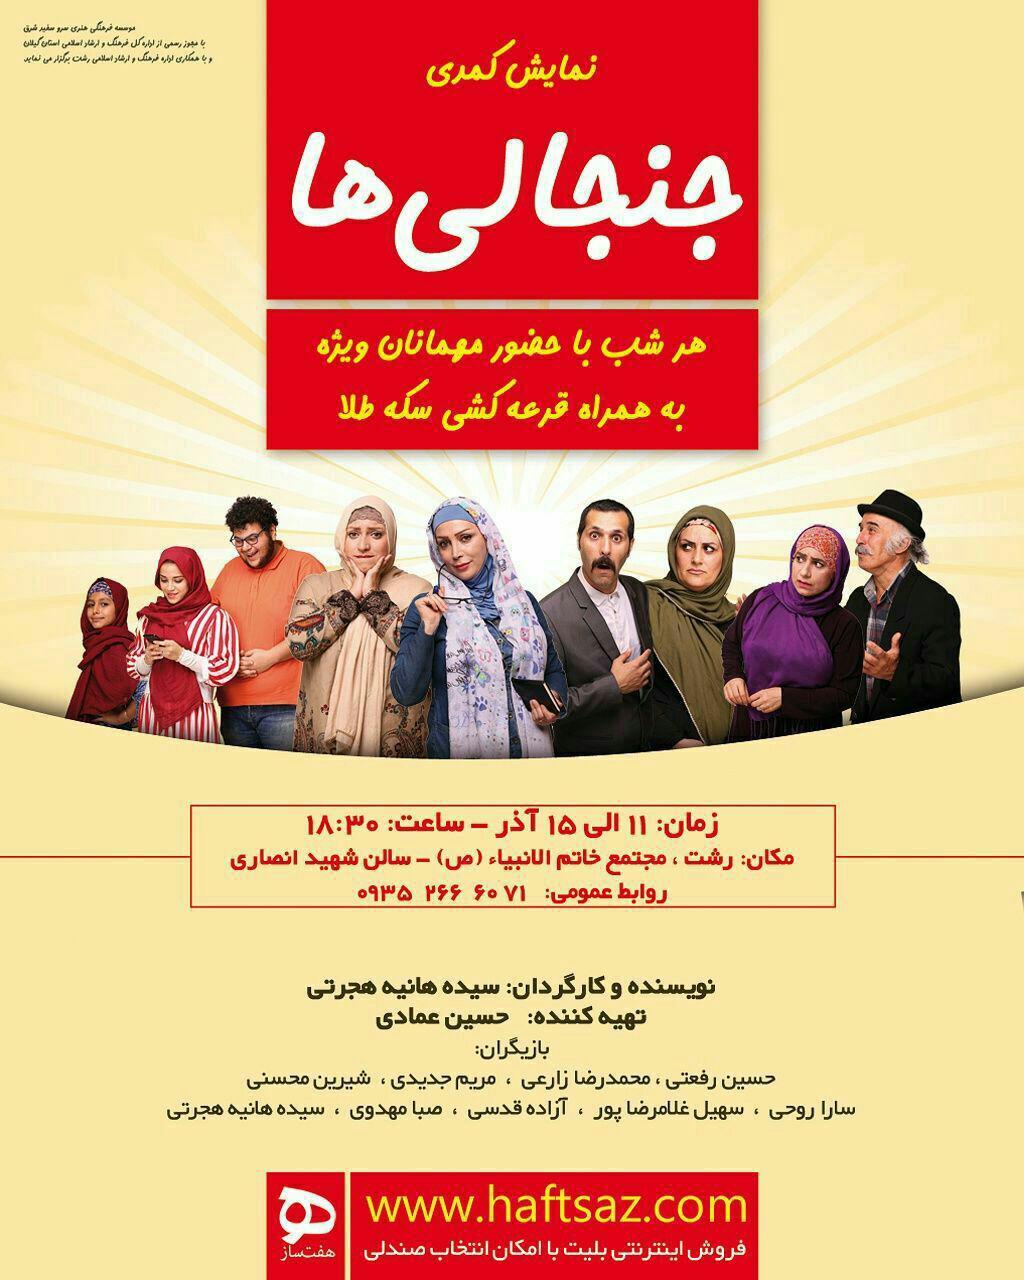 نمایش کمدی جنجالی ها در مجتمع خاتم الانبیاء (ص) رشت